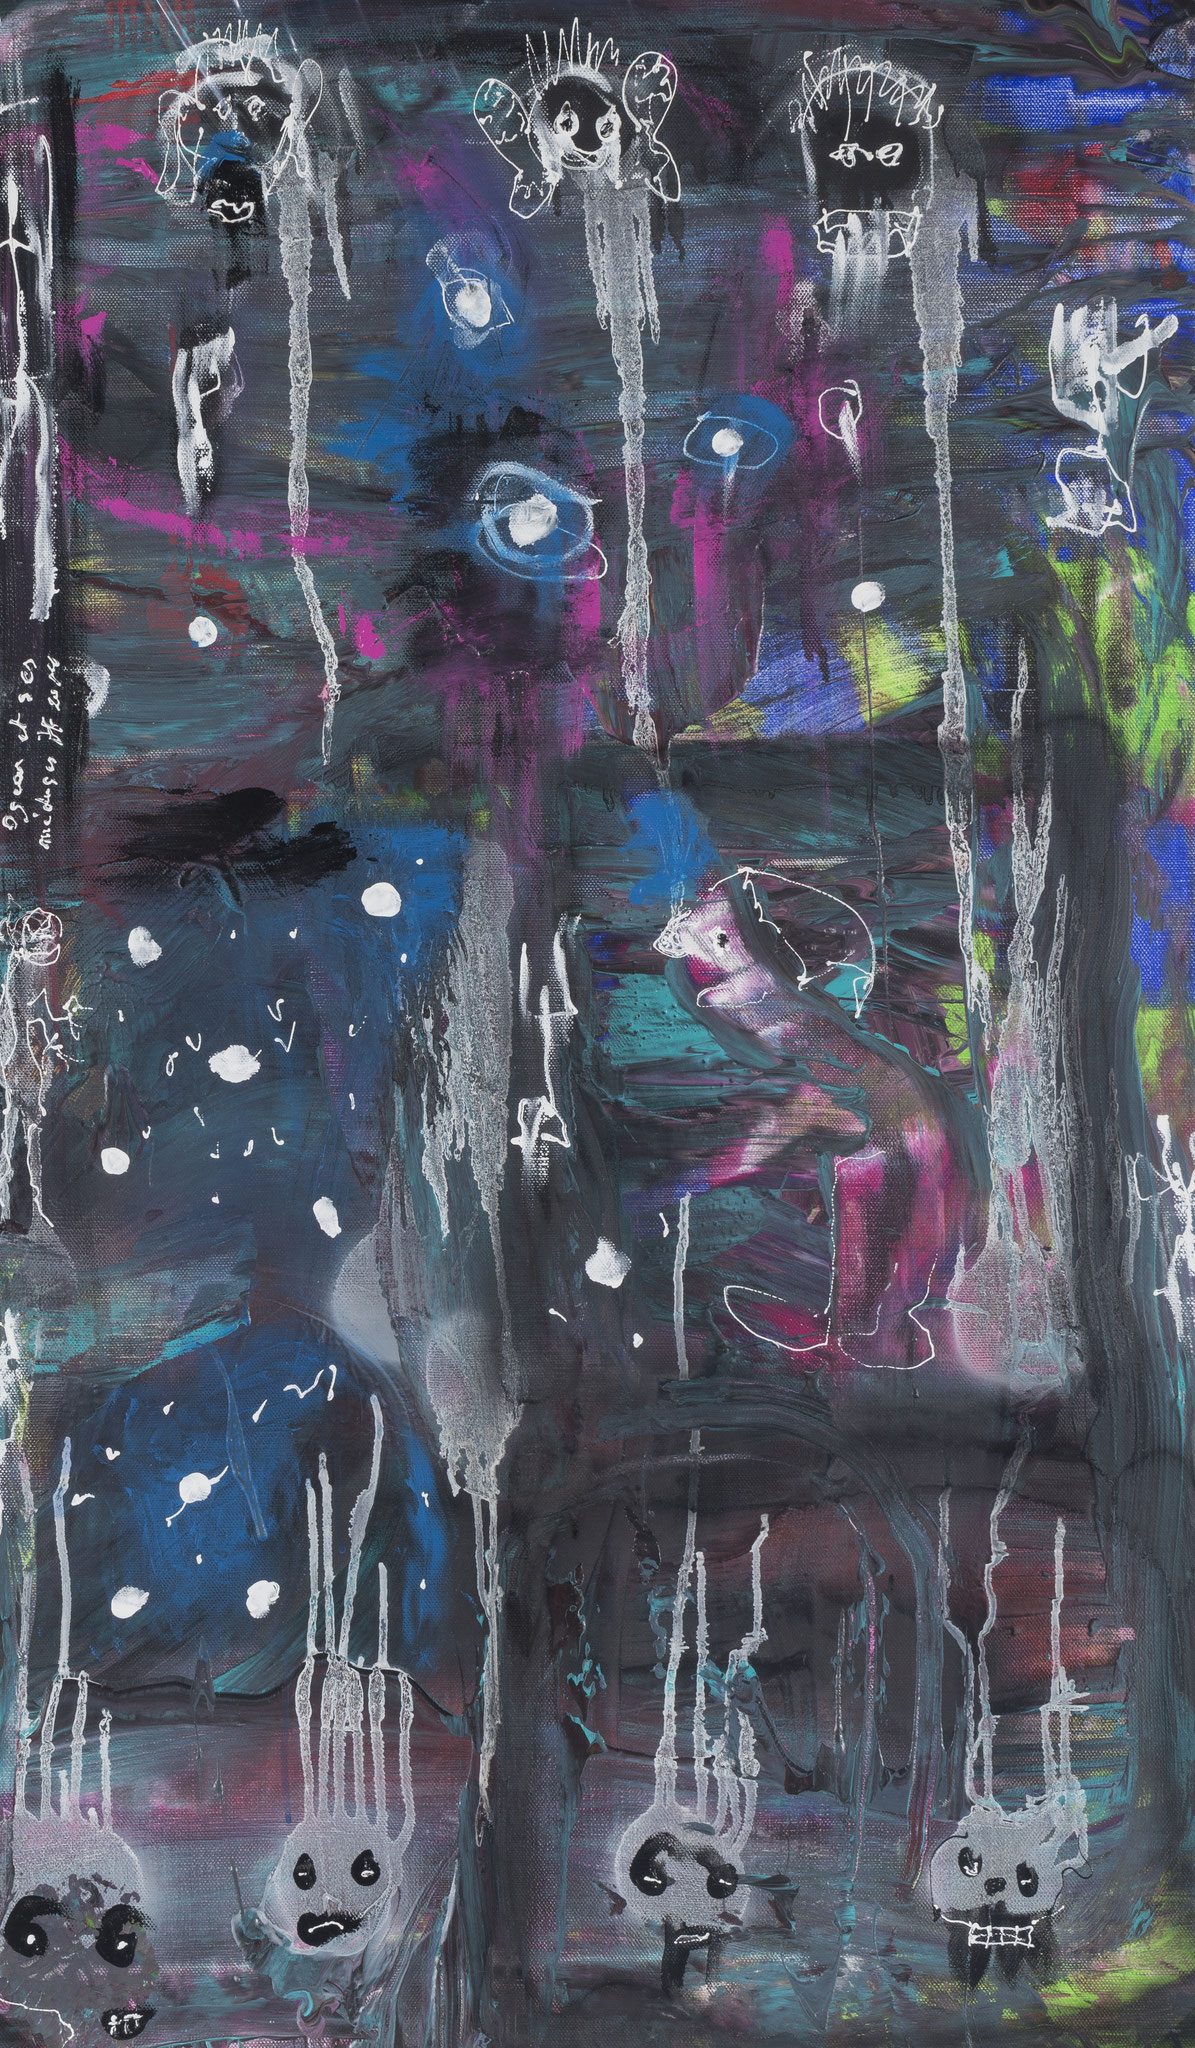 Oscar et ses méduses (2015) - Acrylique sur toile, 115 x 67 cm